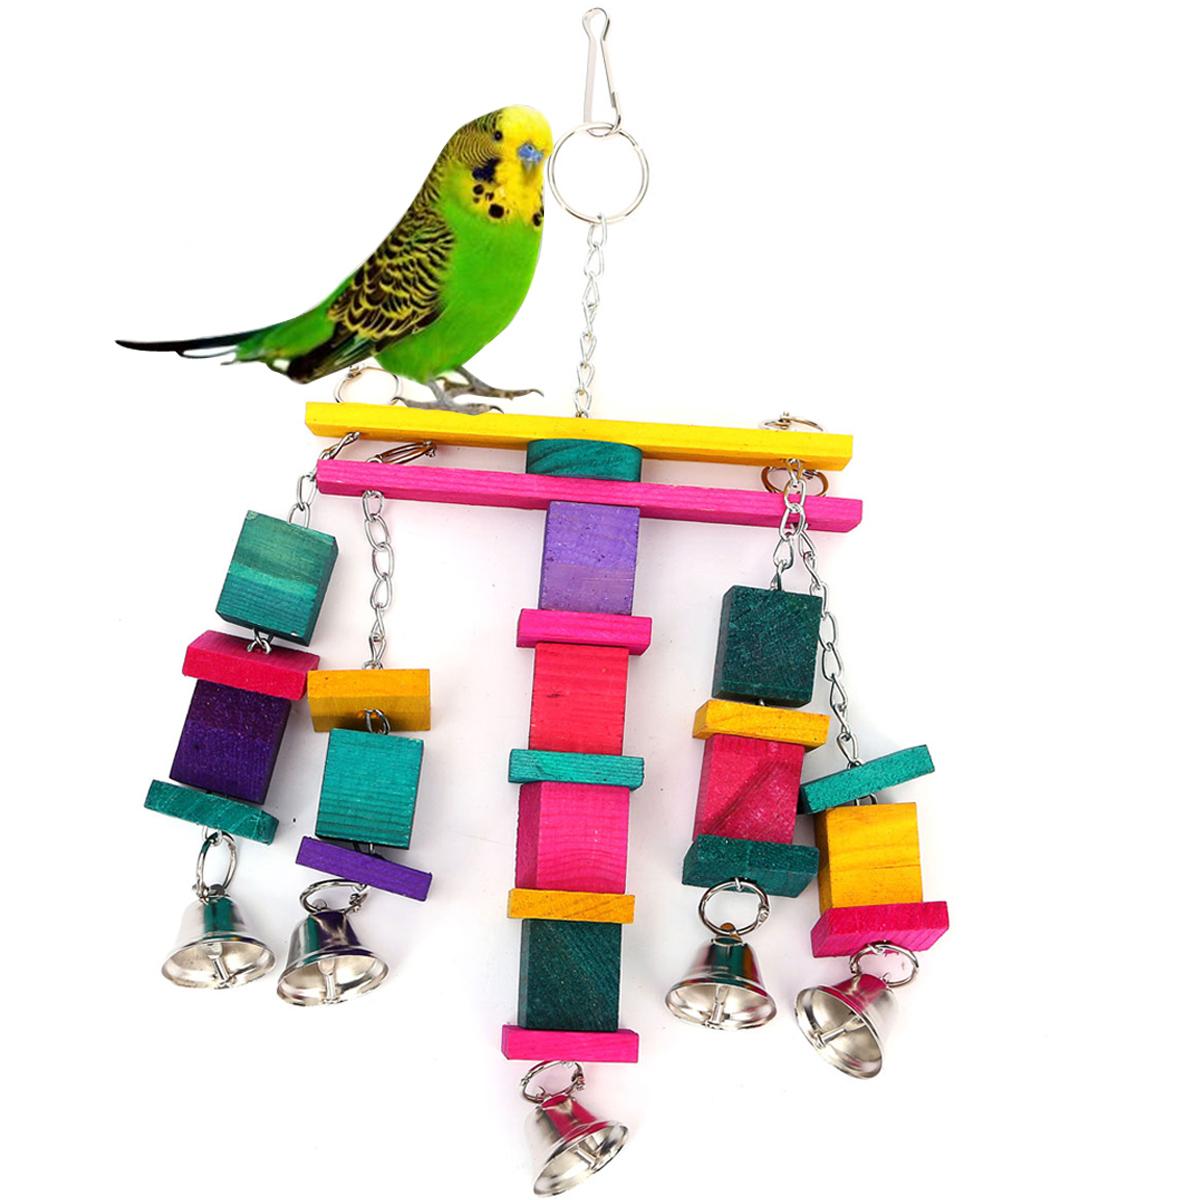 jouet pour oiseau balan oire suspension chelle bois cage perruche perroquet ebay. Black Bedroom Furniture Sets. Home Design Ideas